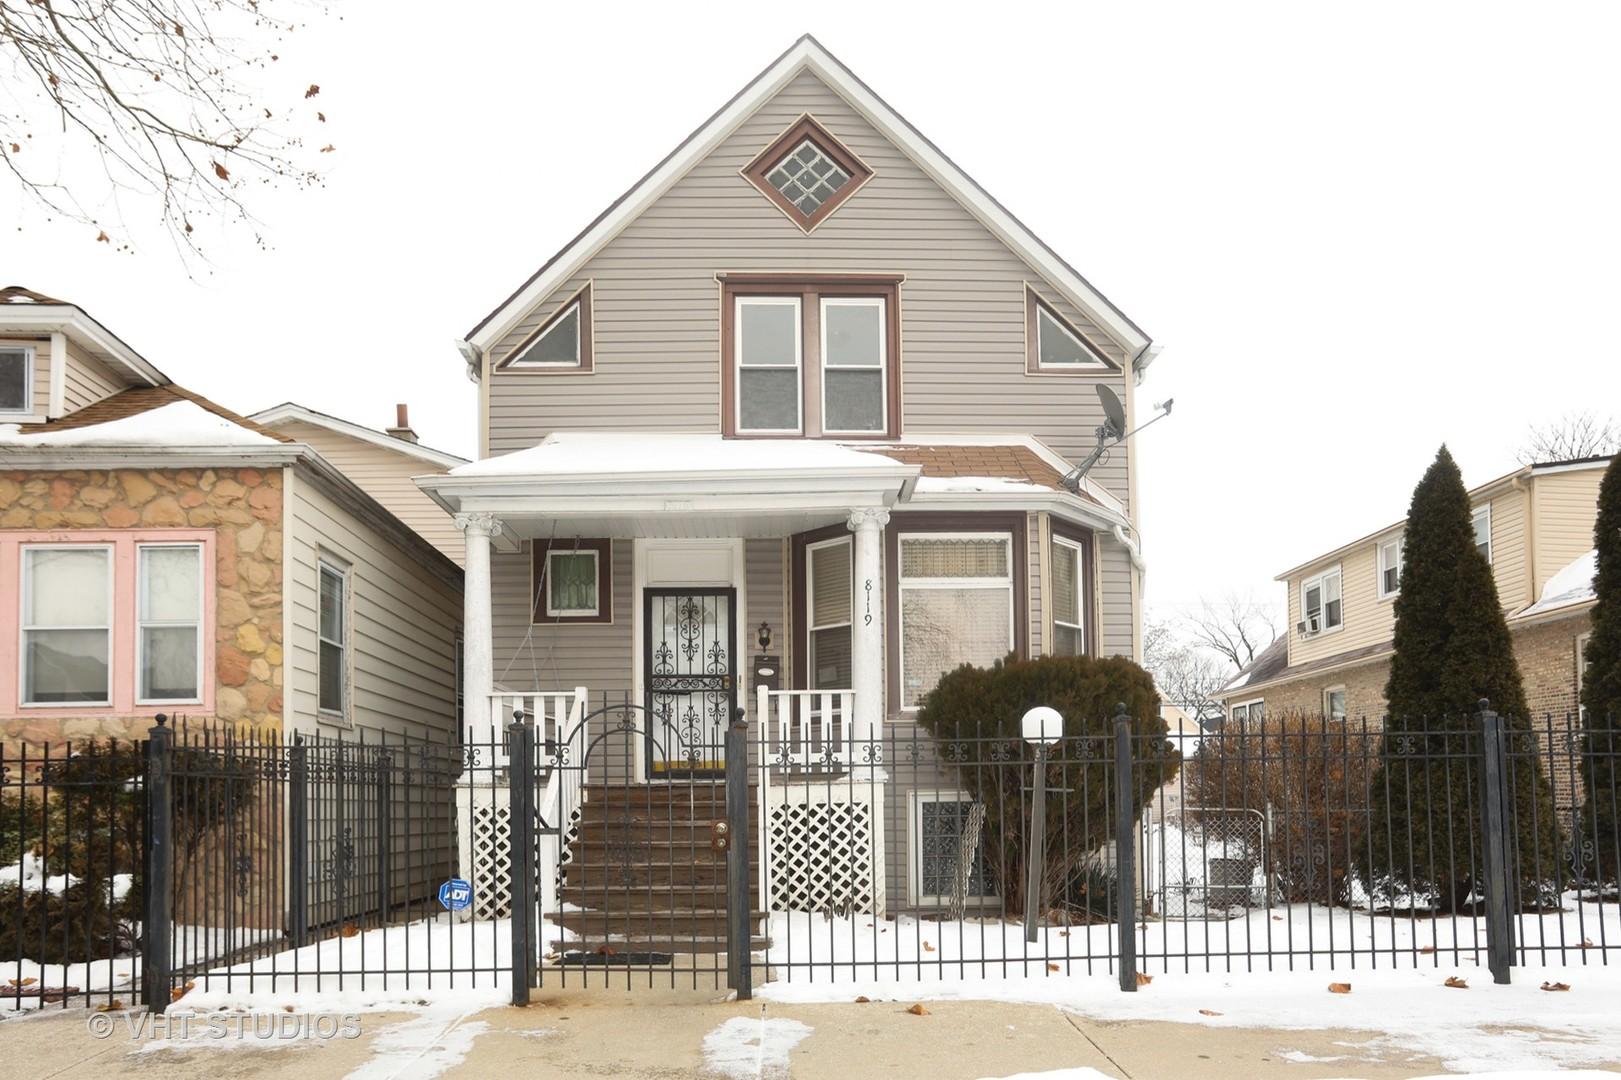 8119 Burnham ,Chicago, Illinois 60617